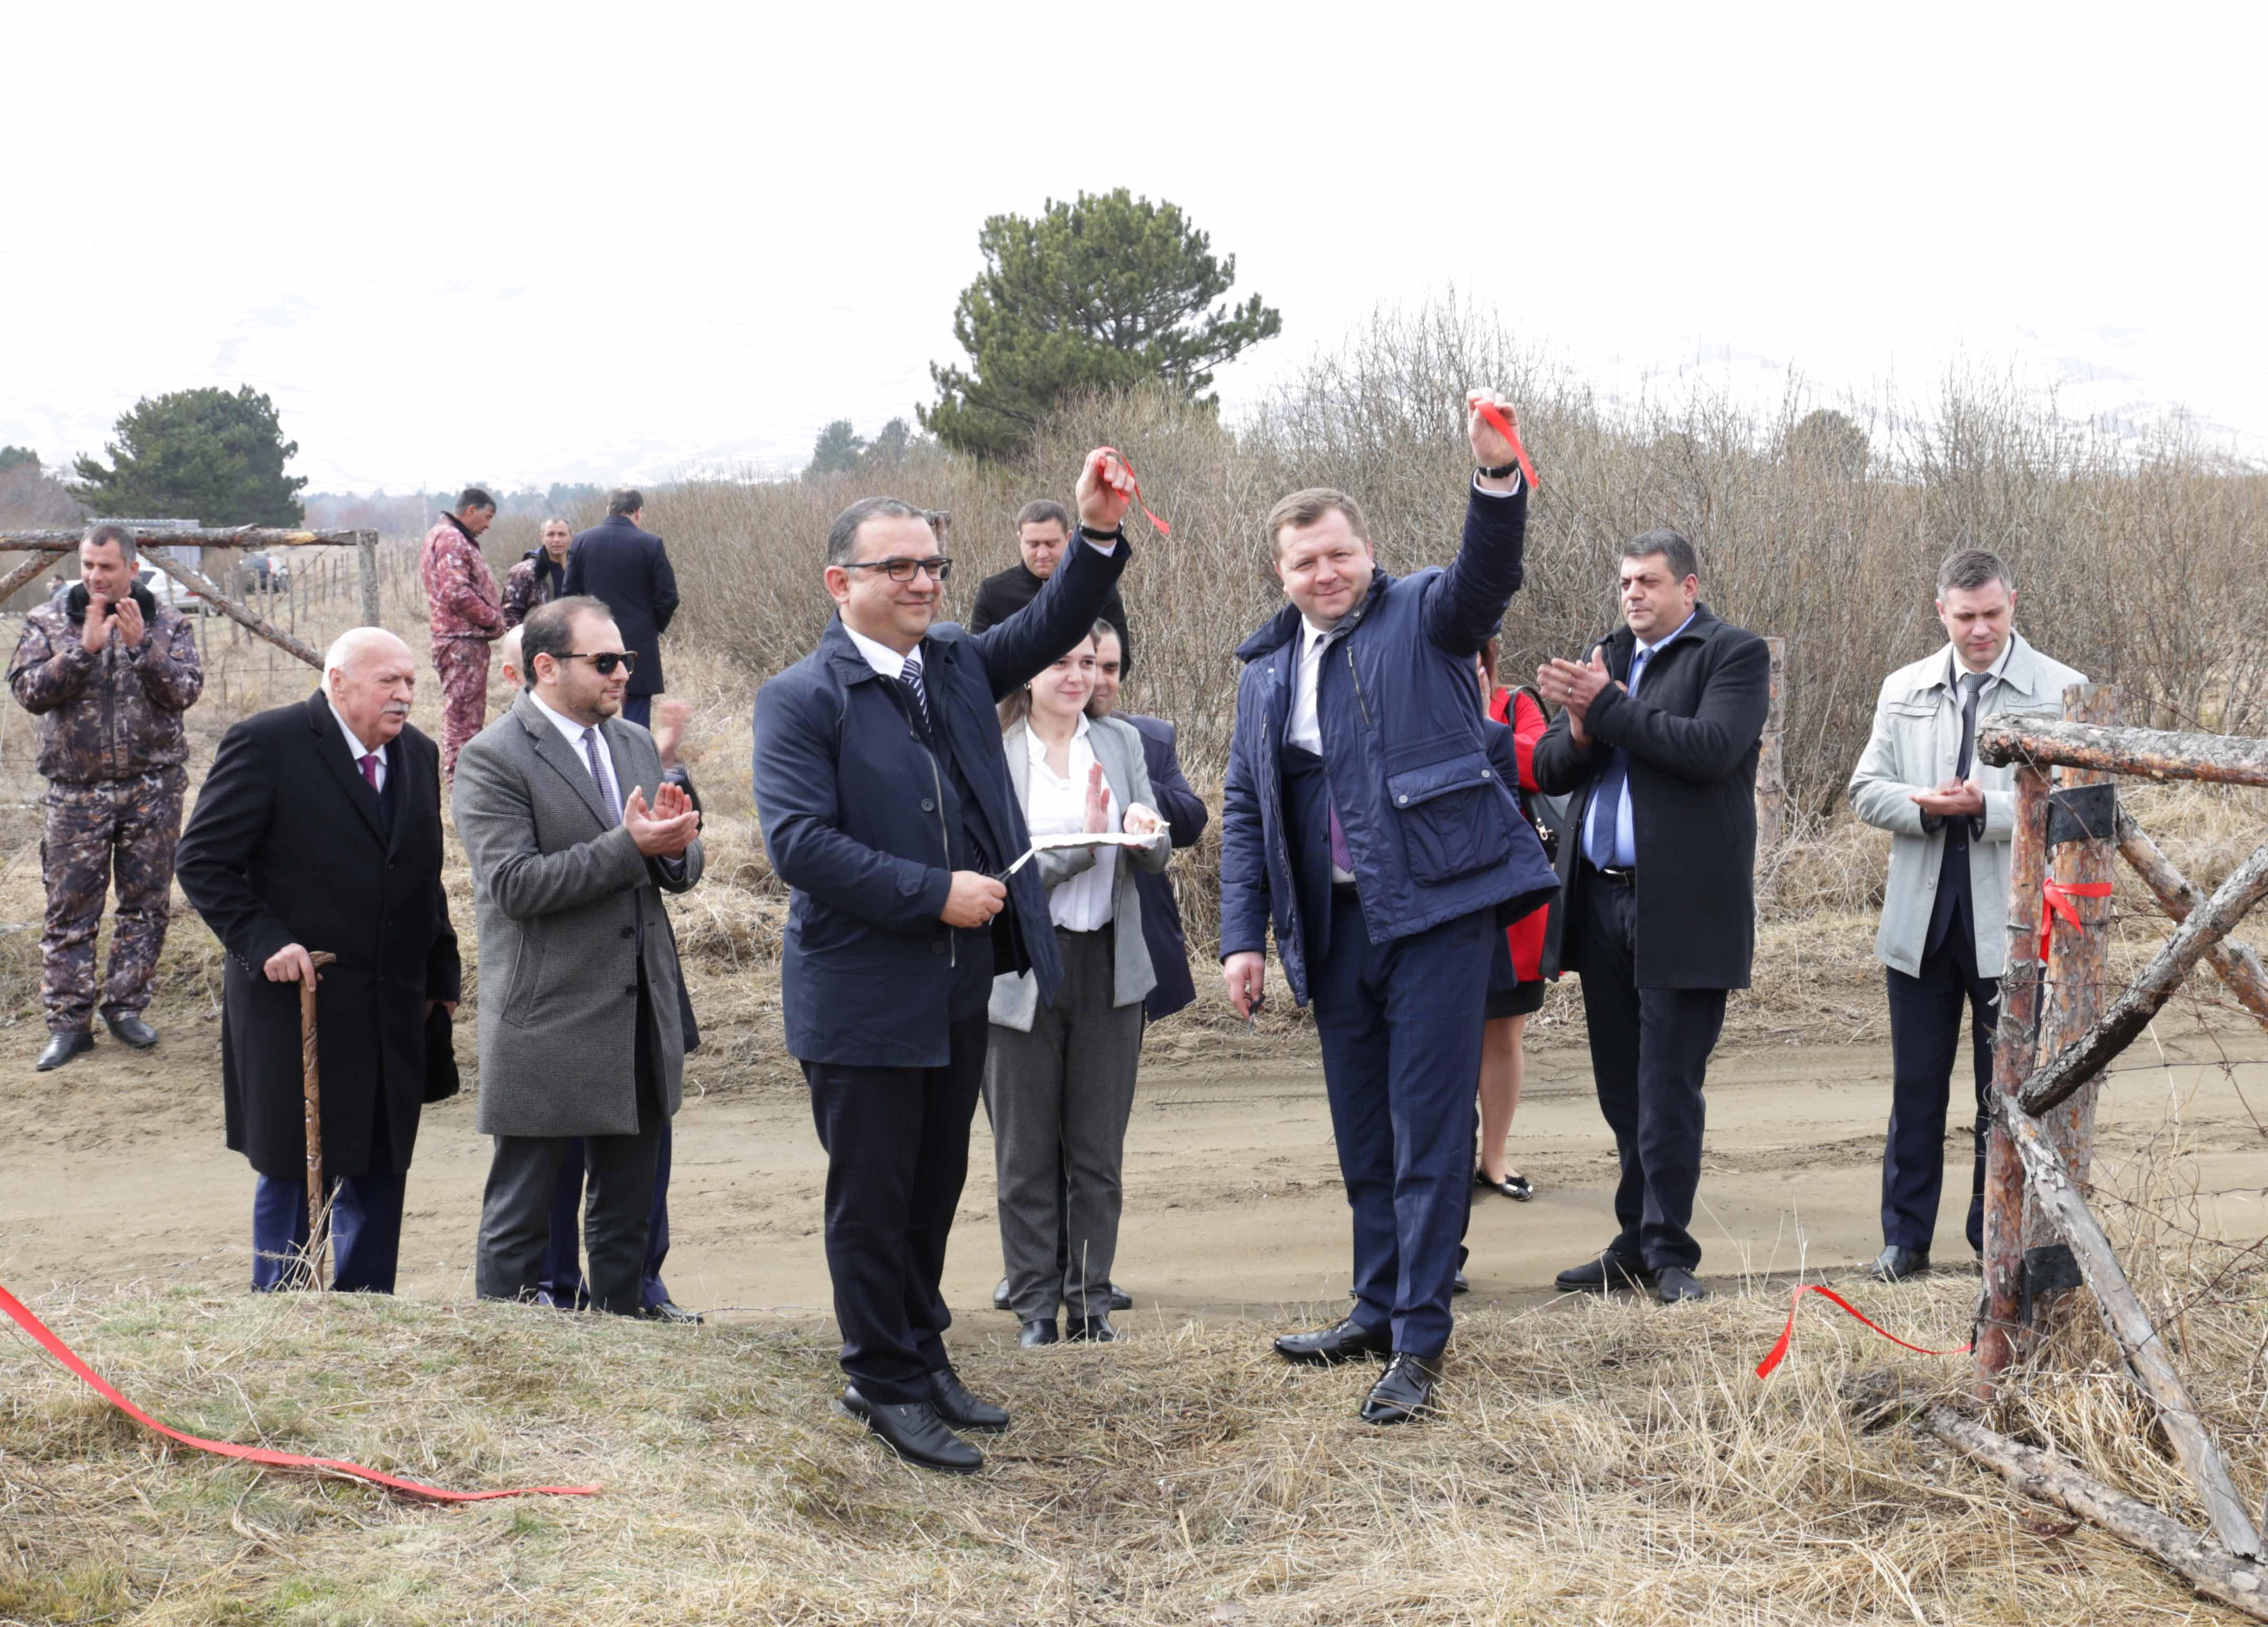 Սևան ազգային պարկի տարածքում հանդիսավոր բացվել է հայ-բելառուսական բարեկամության անտառը